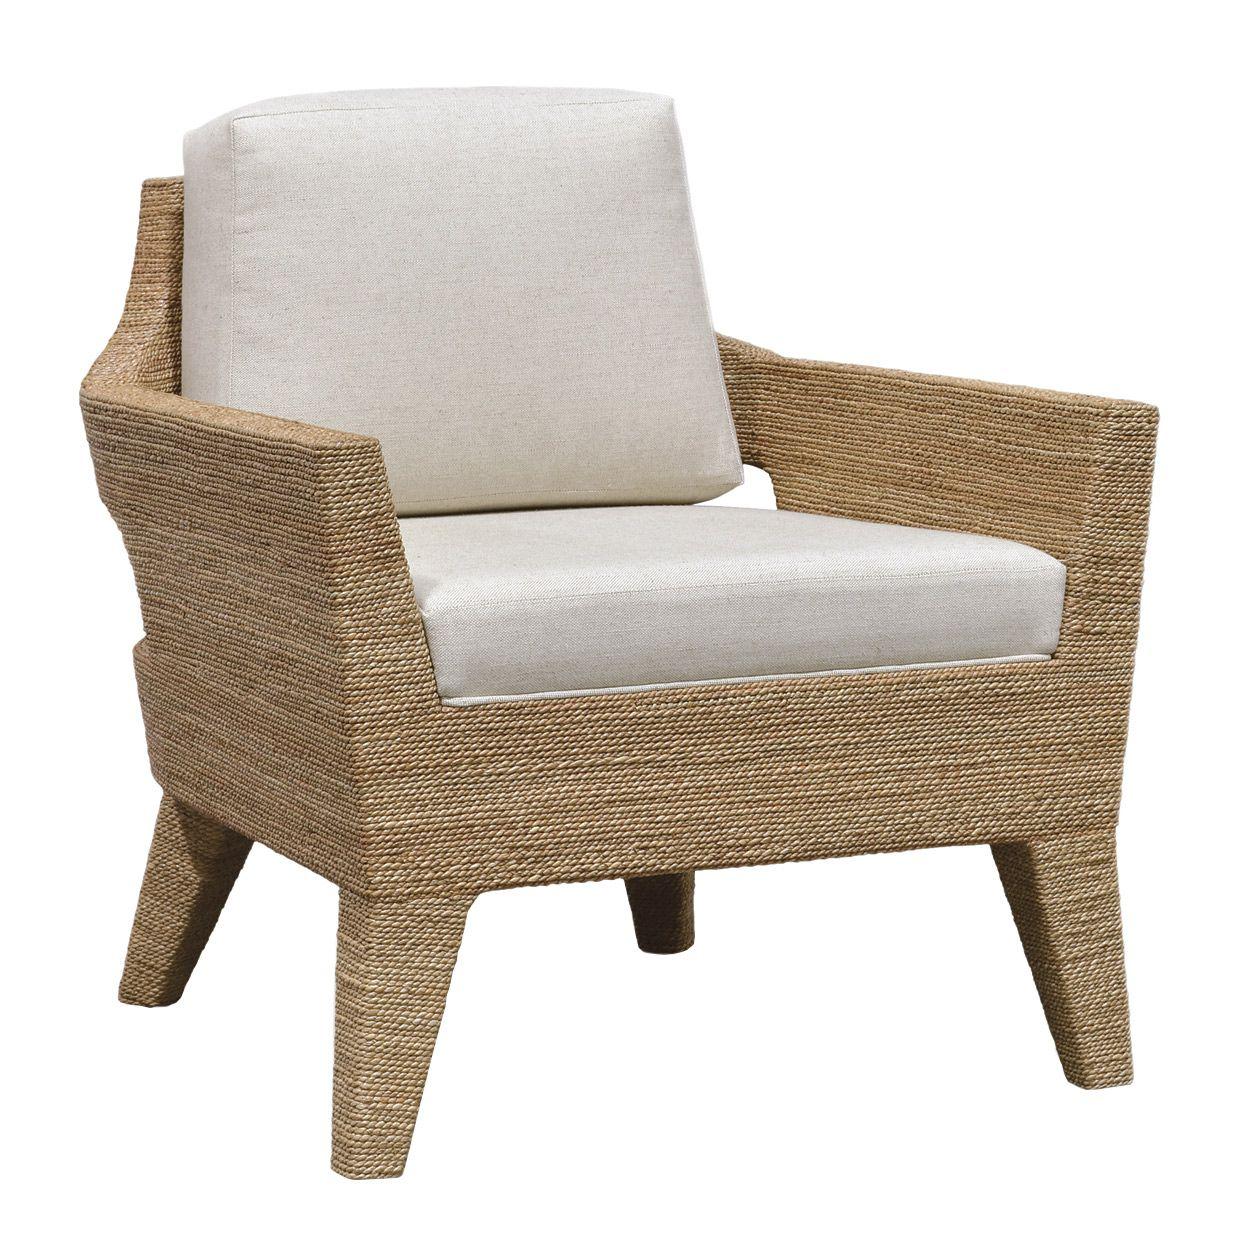 Palecek cape town lounge chair zinc door